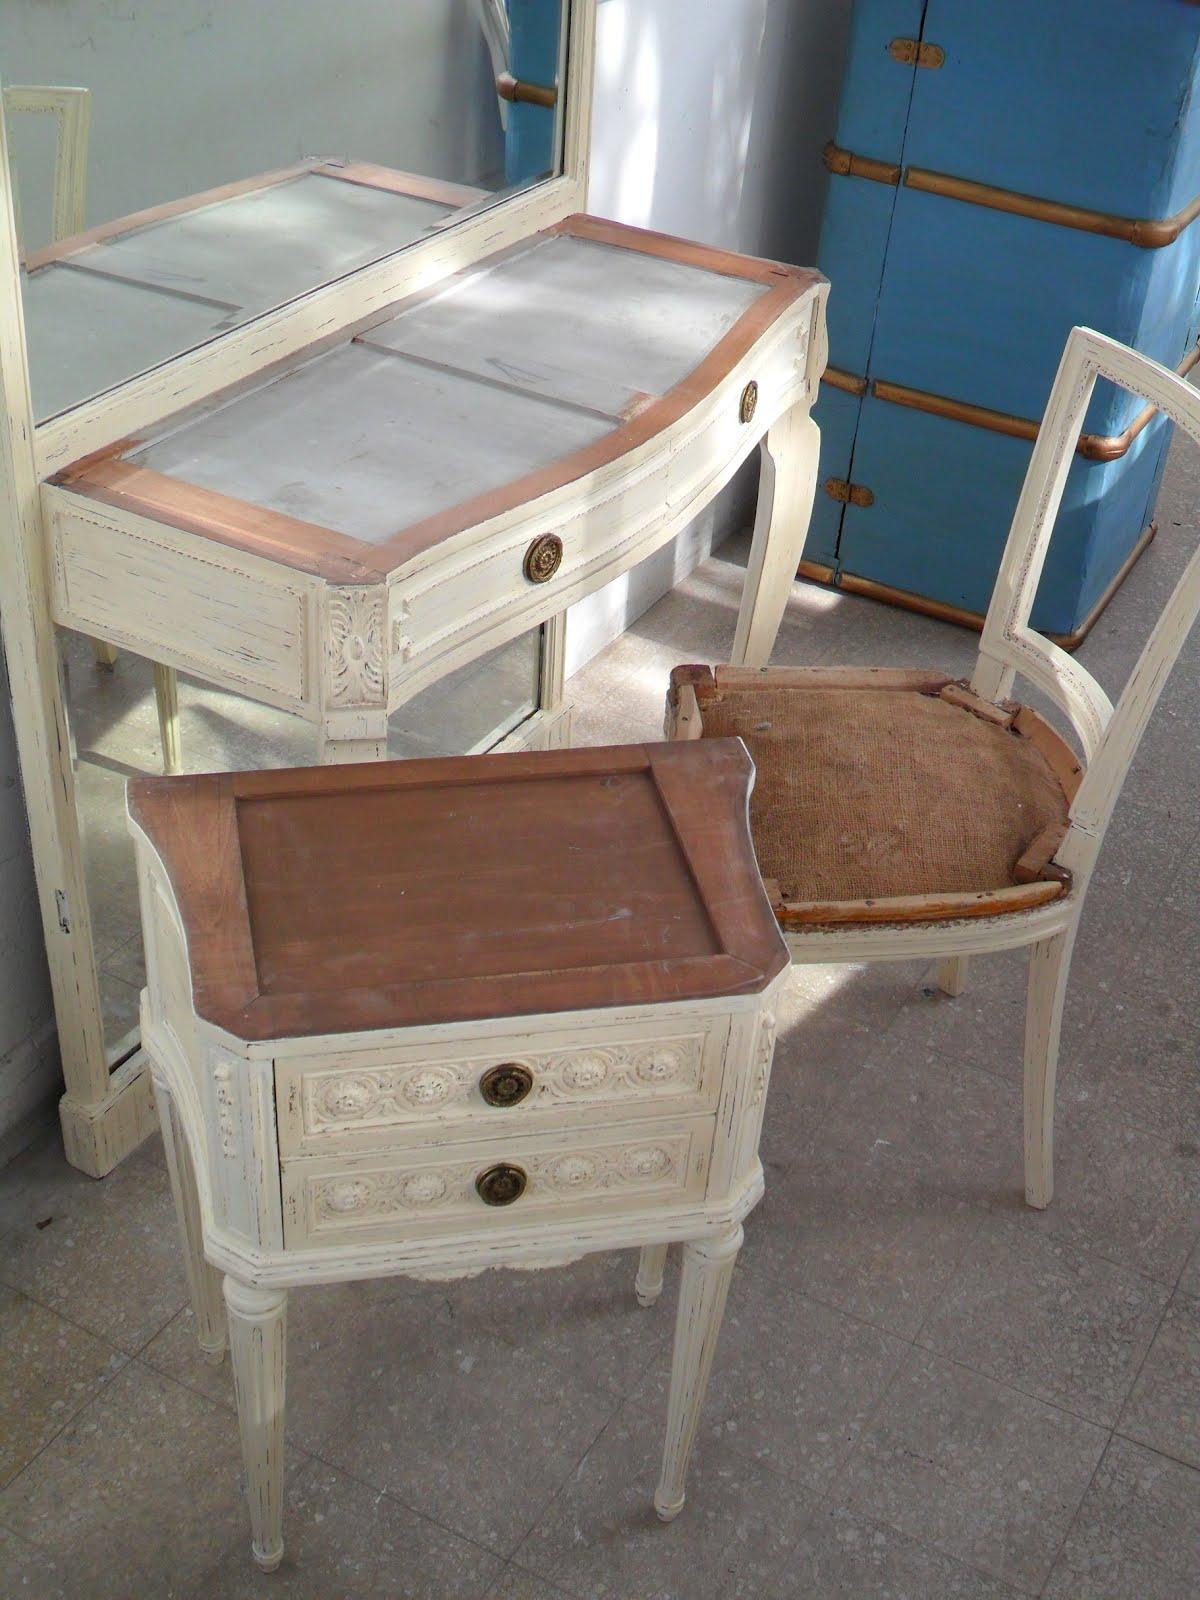 Deco project reciclados de muebles y objetos funes for Juego de dormitorio luis xvi